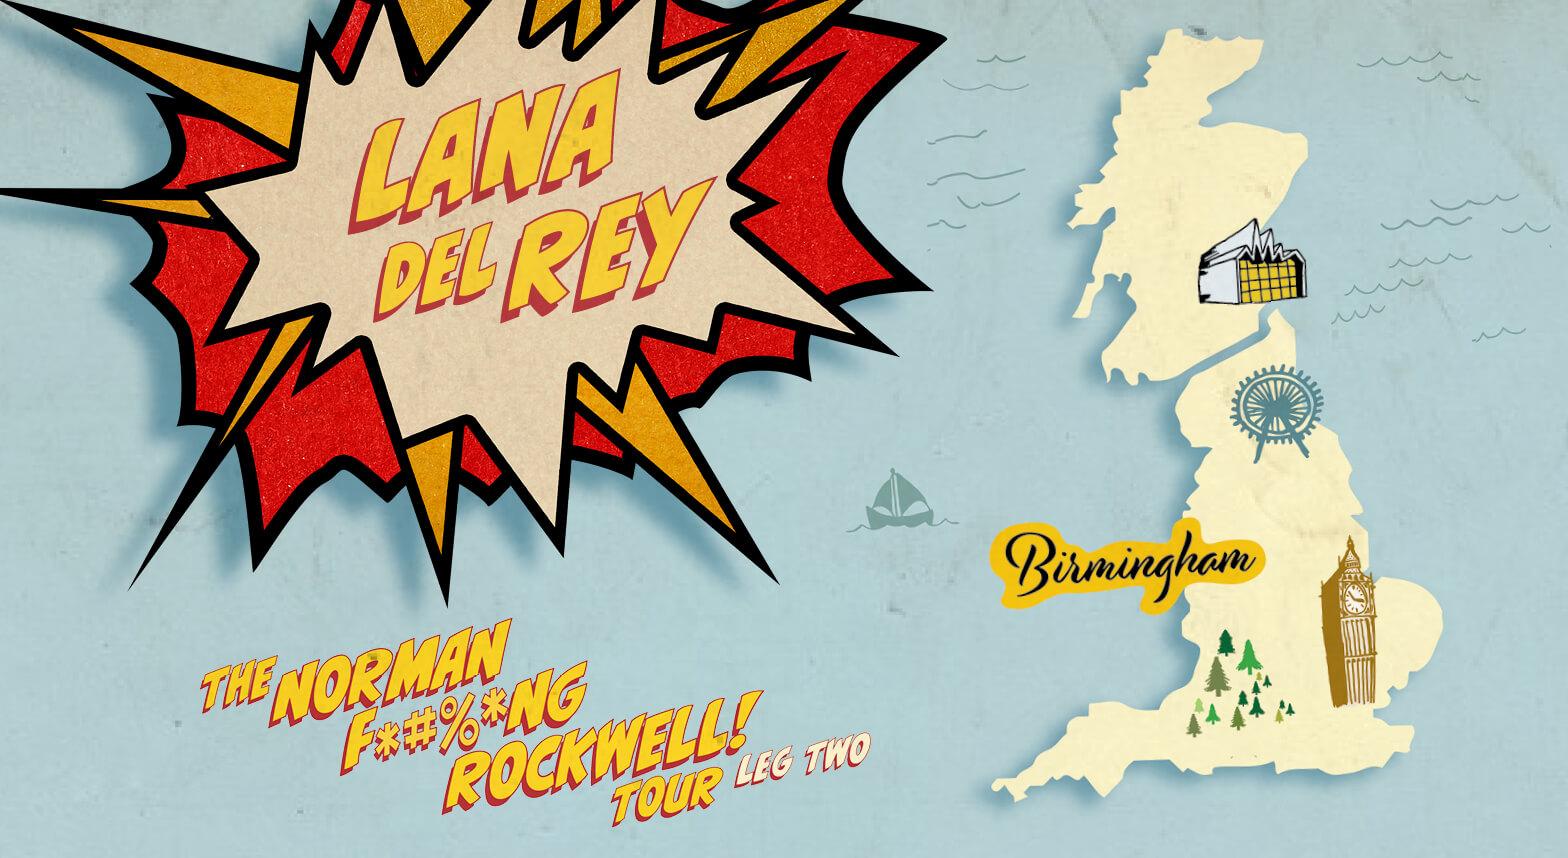 lana-del-rey-arenasV2.jpg